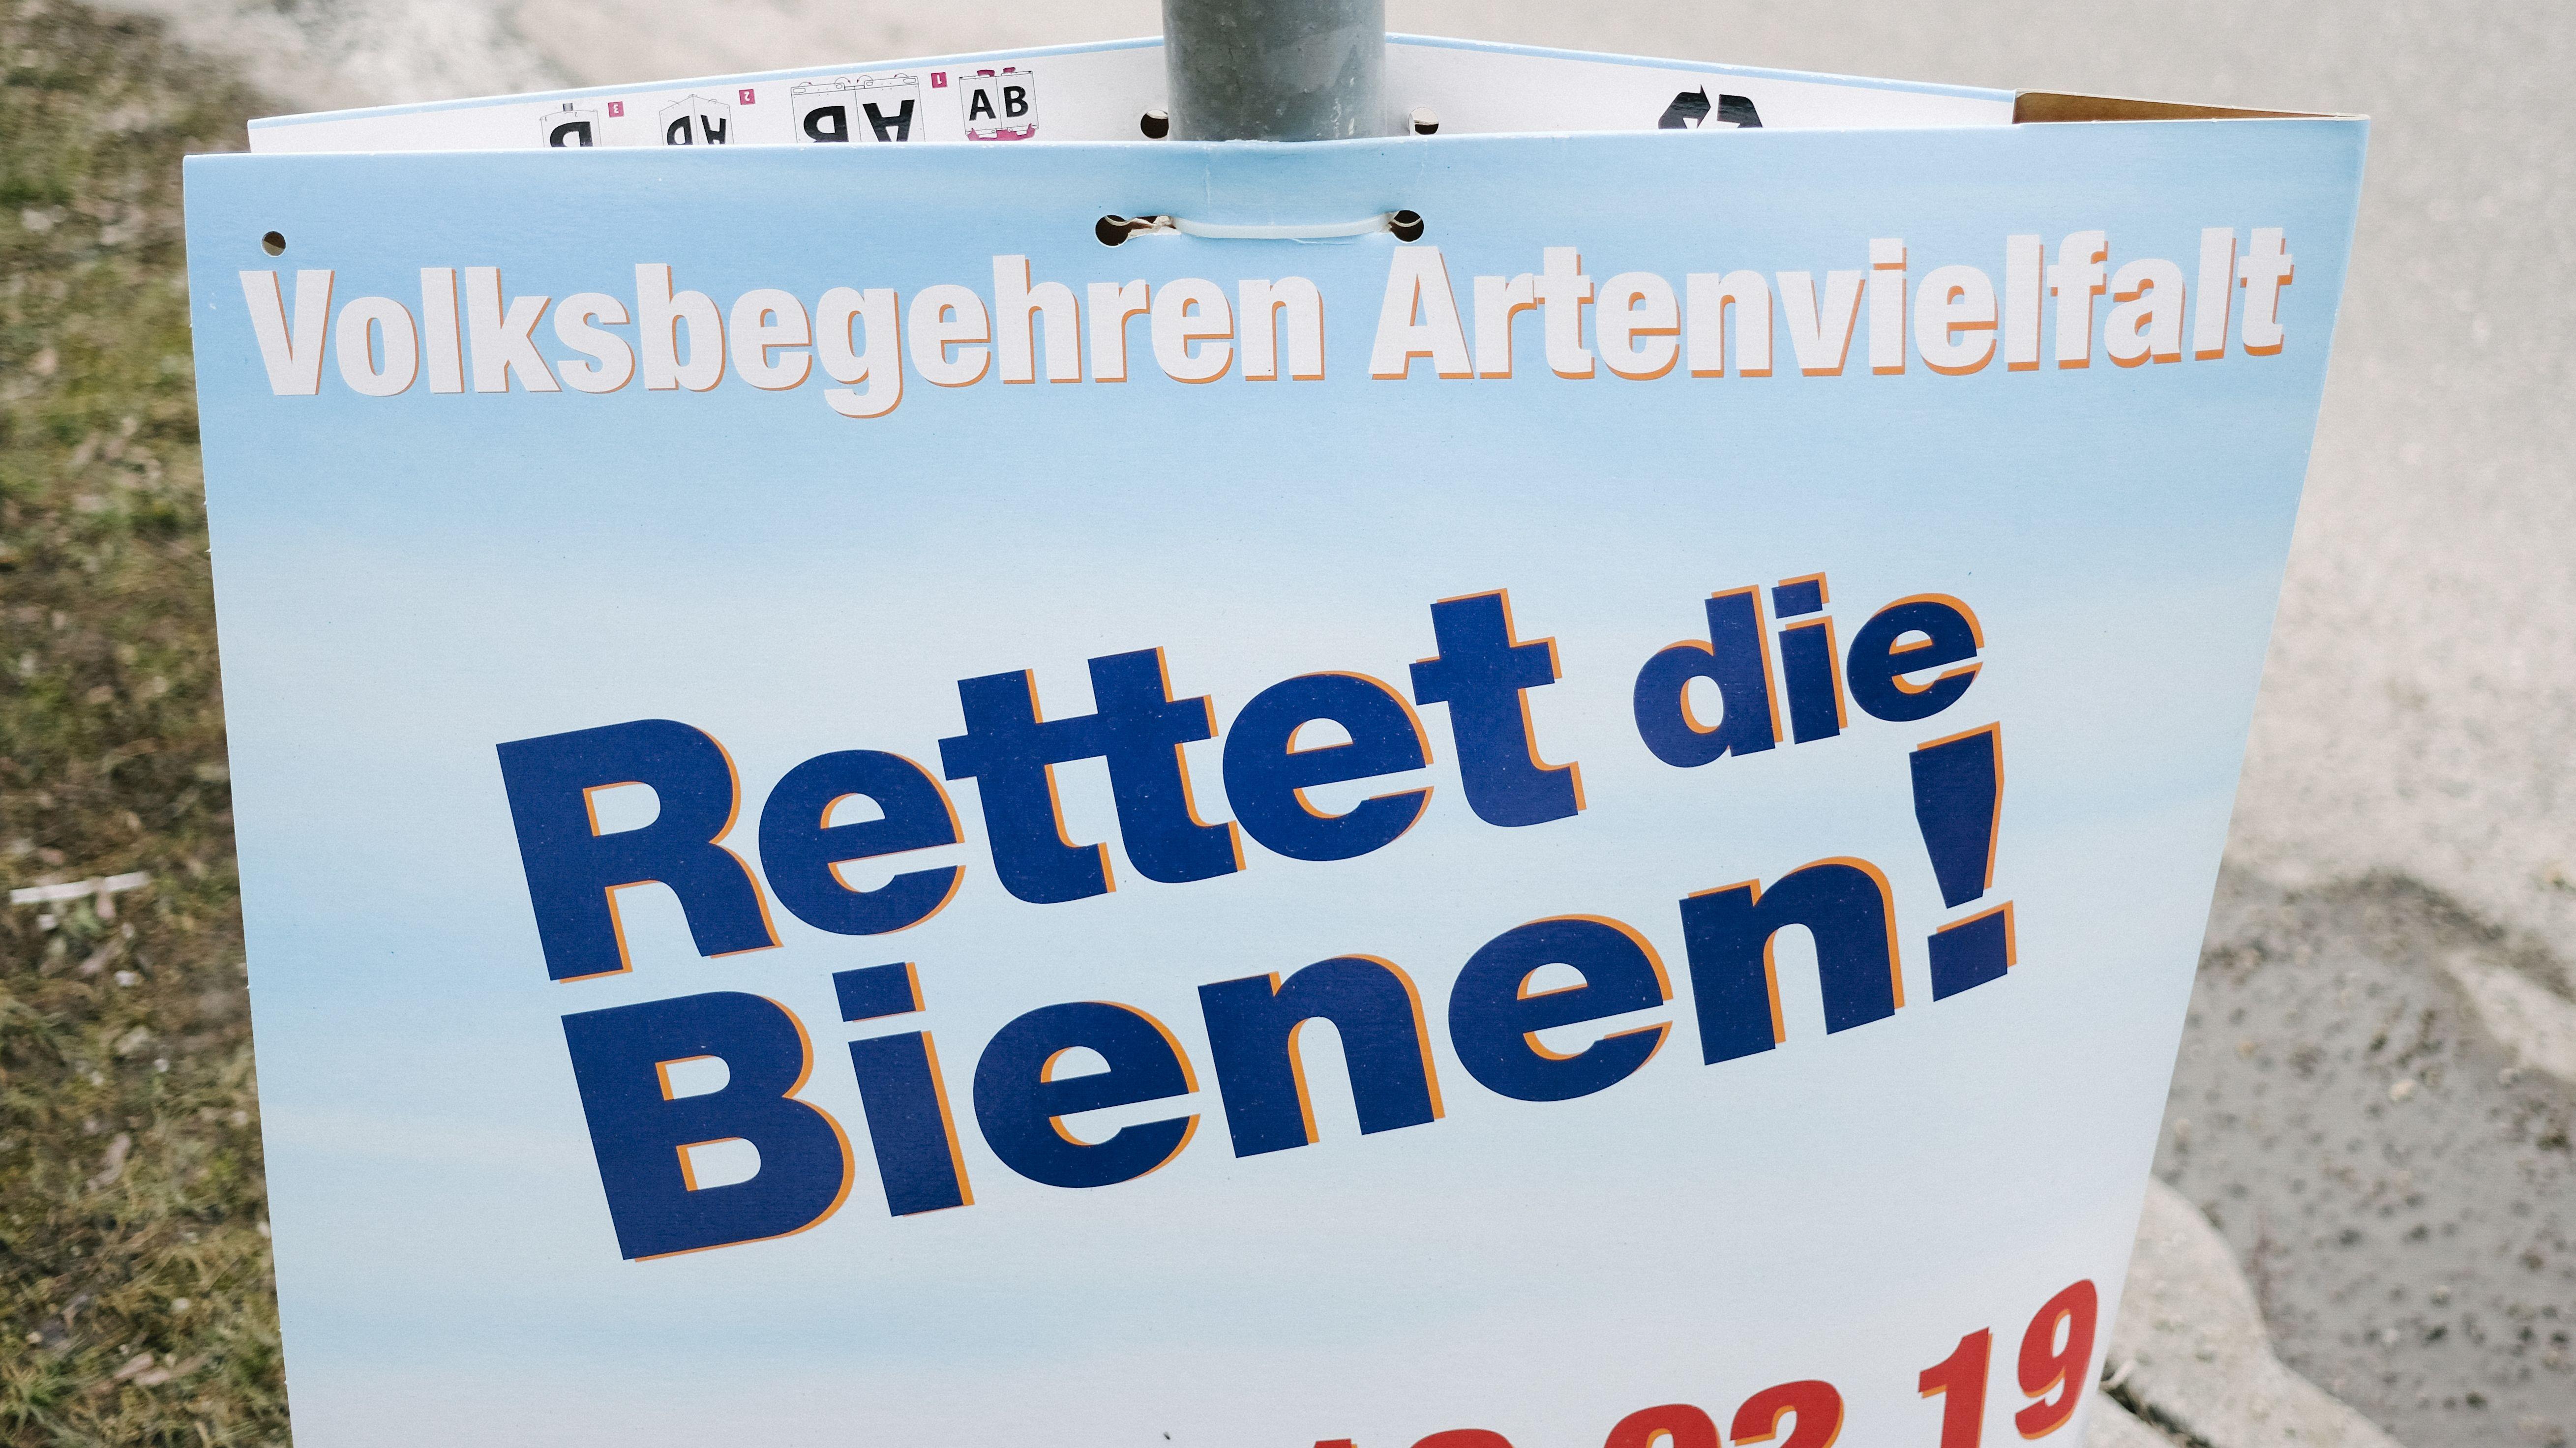 """Ein Schild zum Volksbegehren """"Rettet die Bienen!"""", aufgenommen am 10. Februar 2019."""